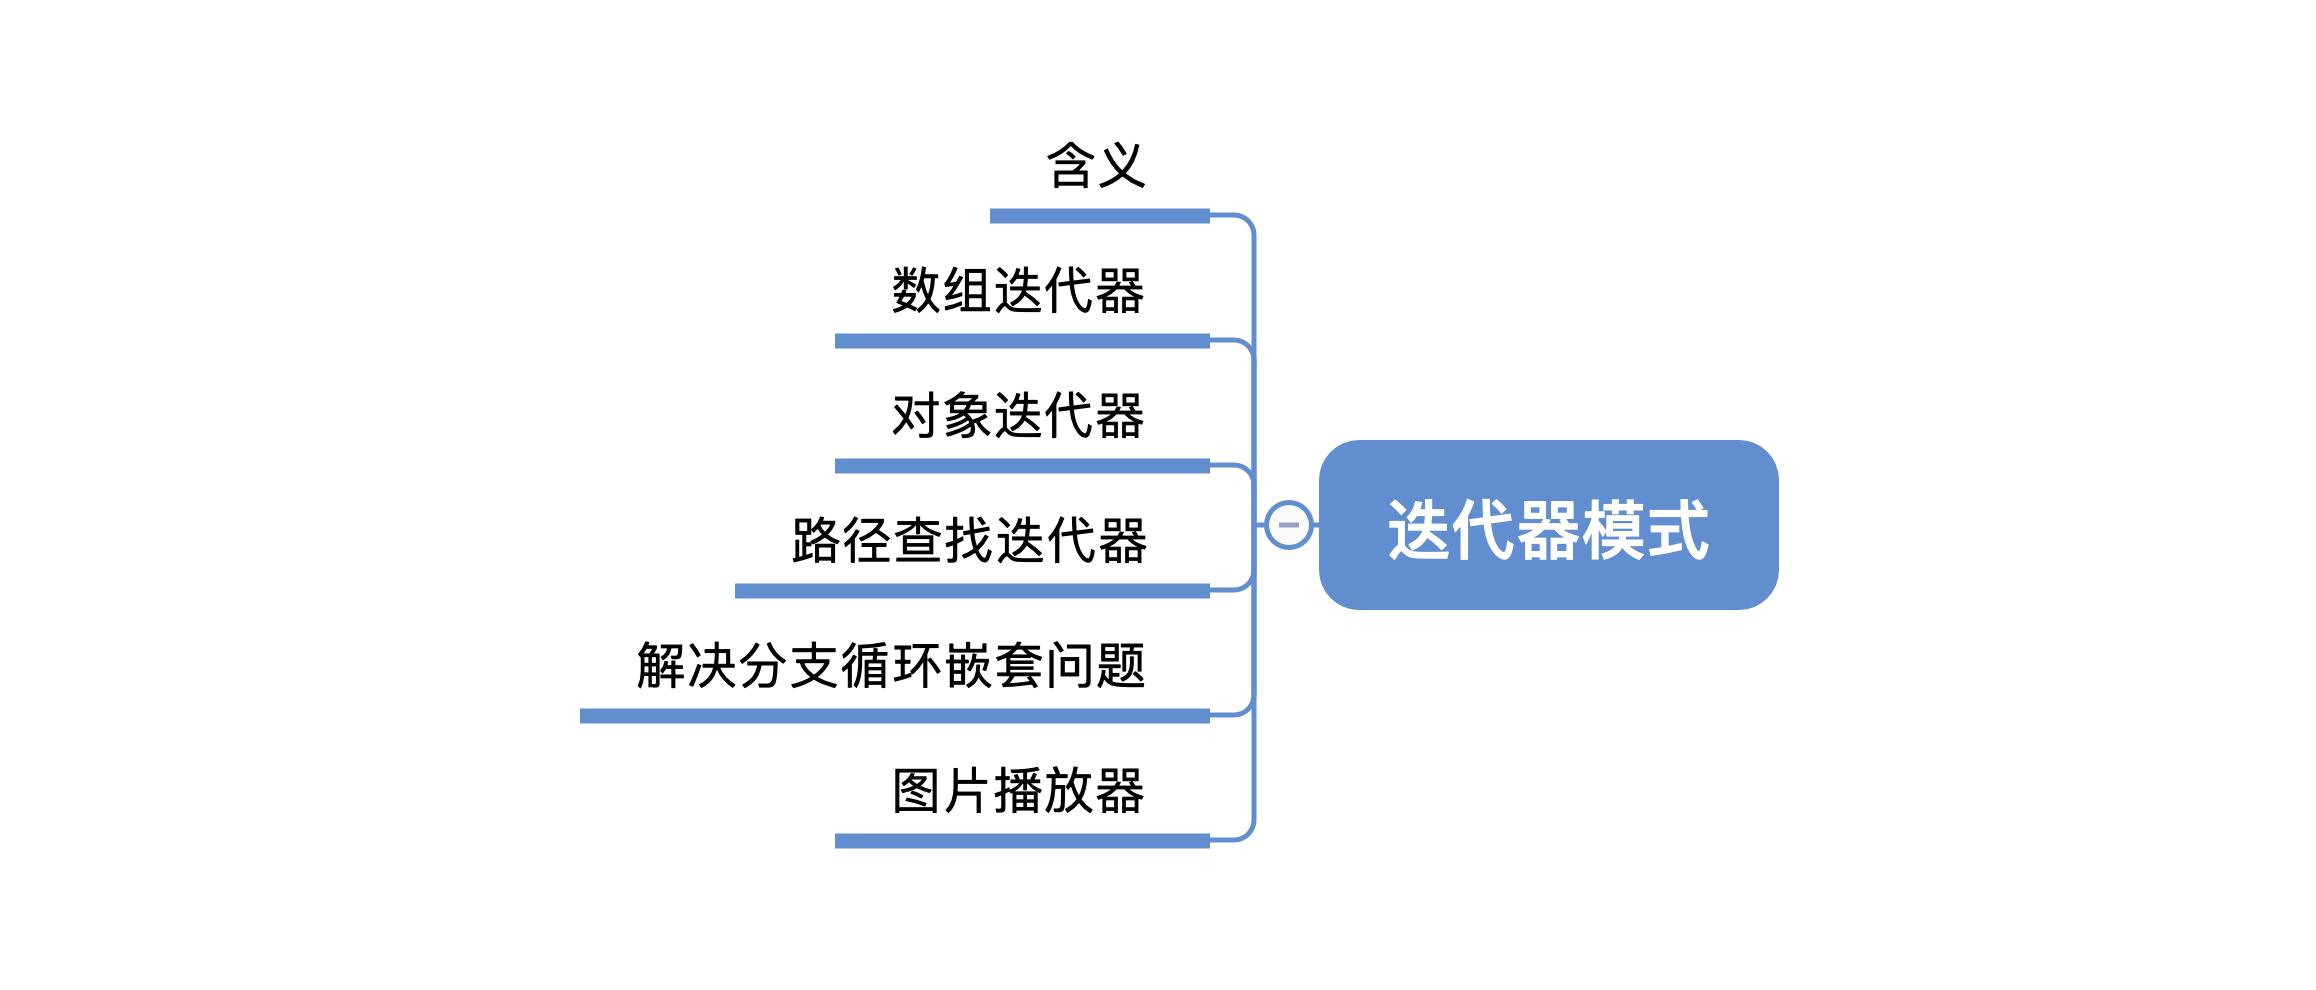 《前端实战总结》之迭代器模式的N+1种应用场景